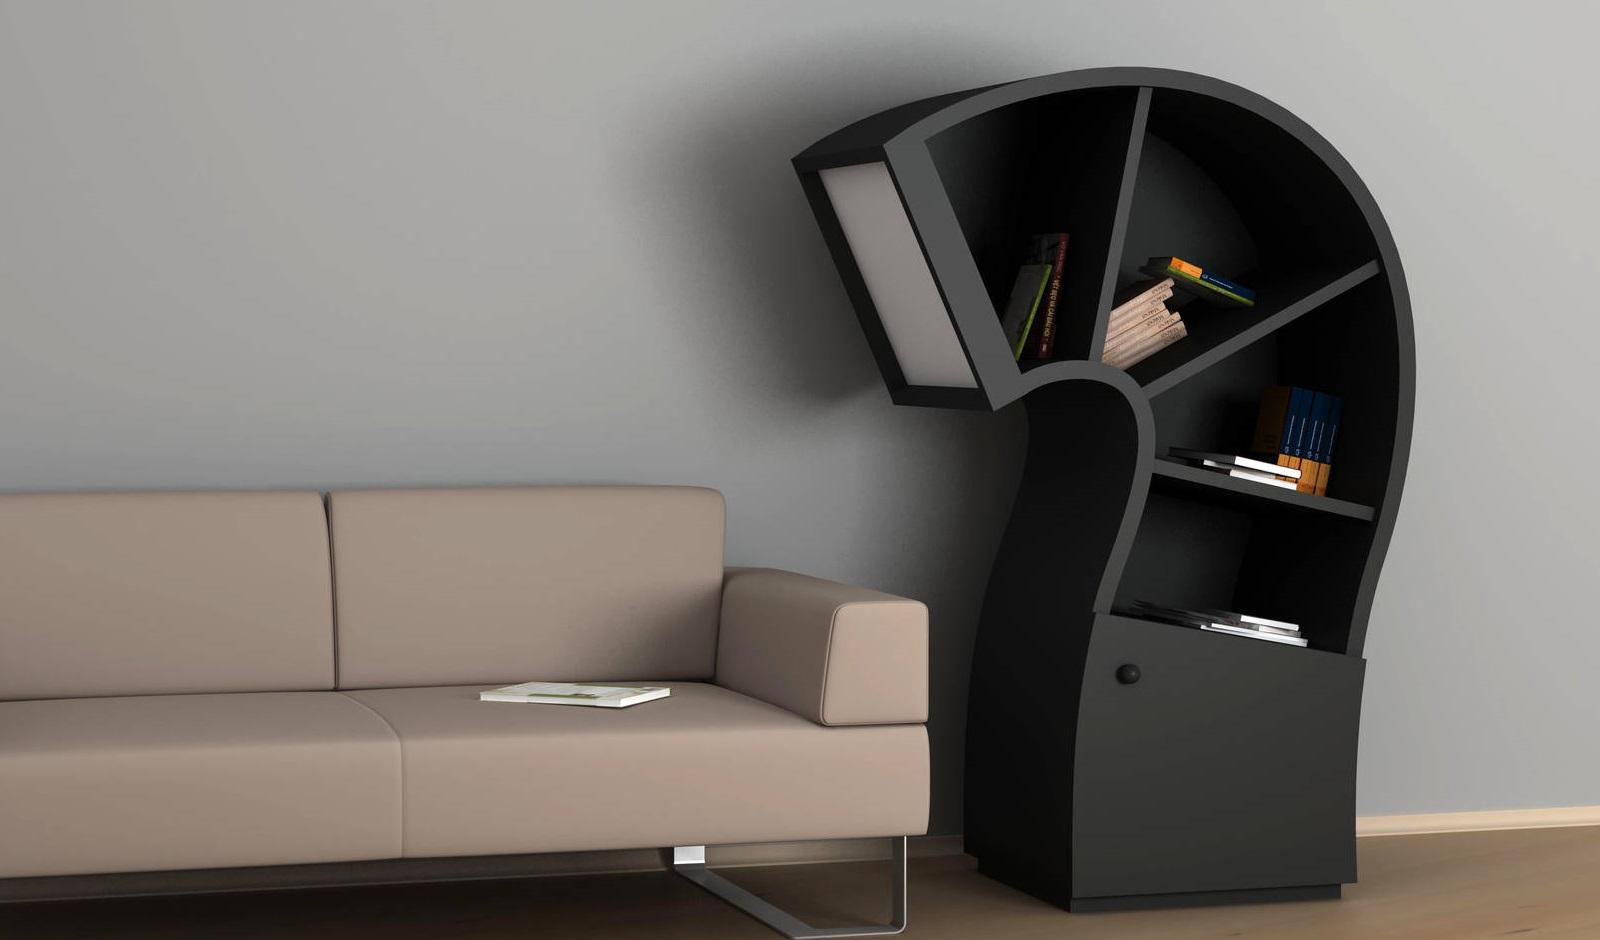 необычная мебель в интерьере